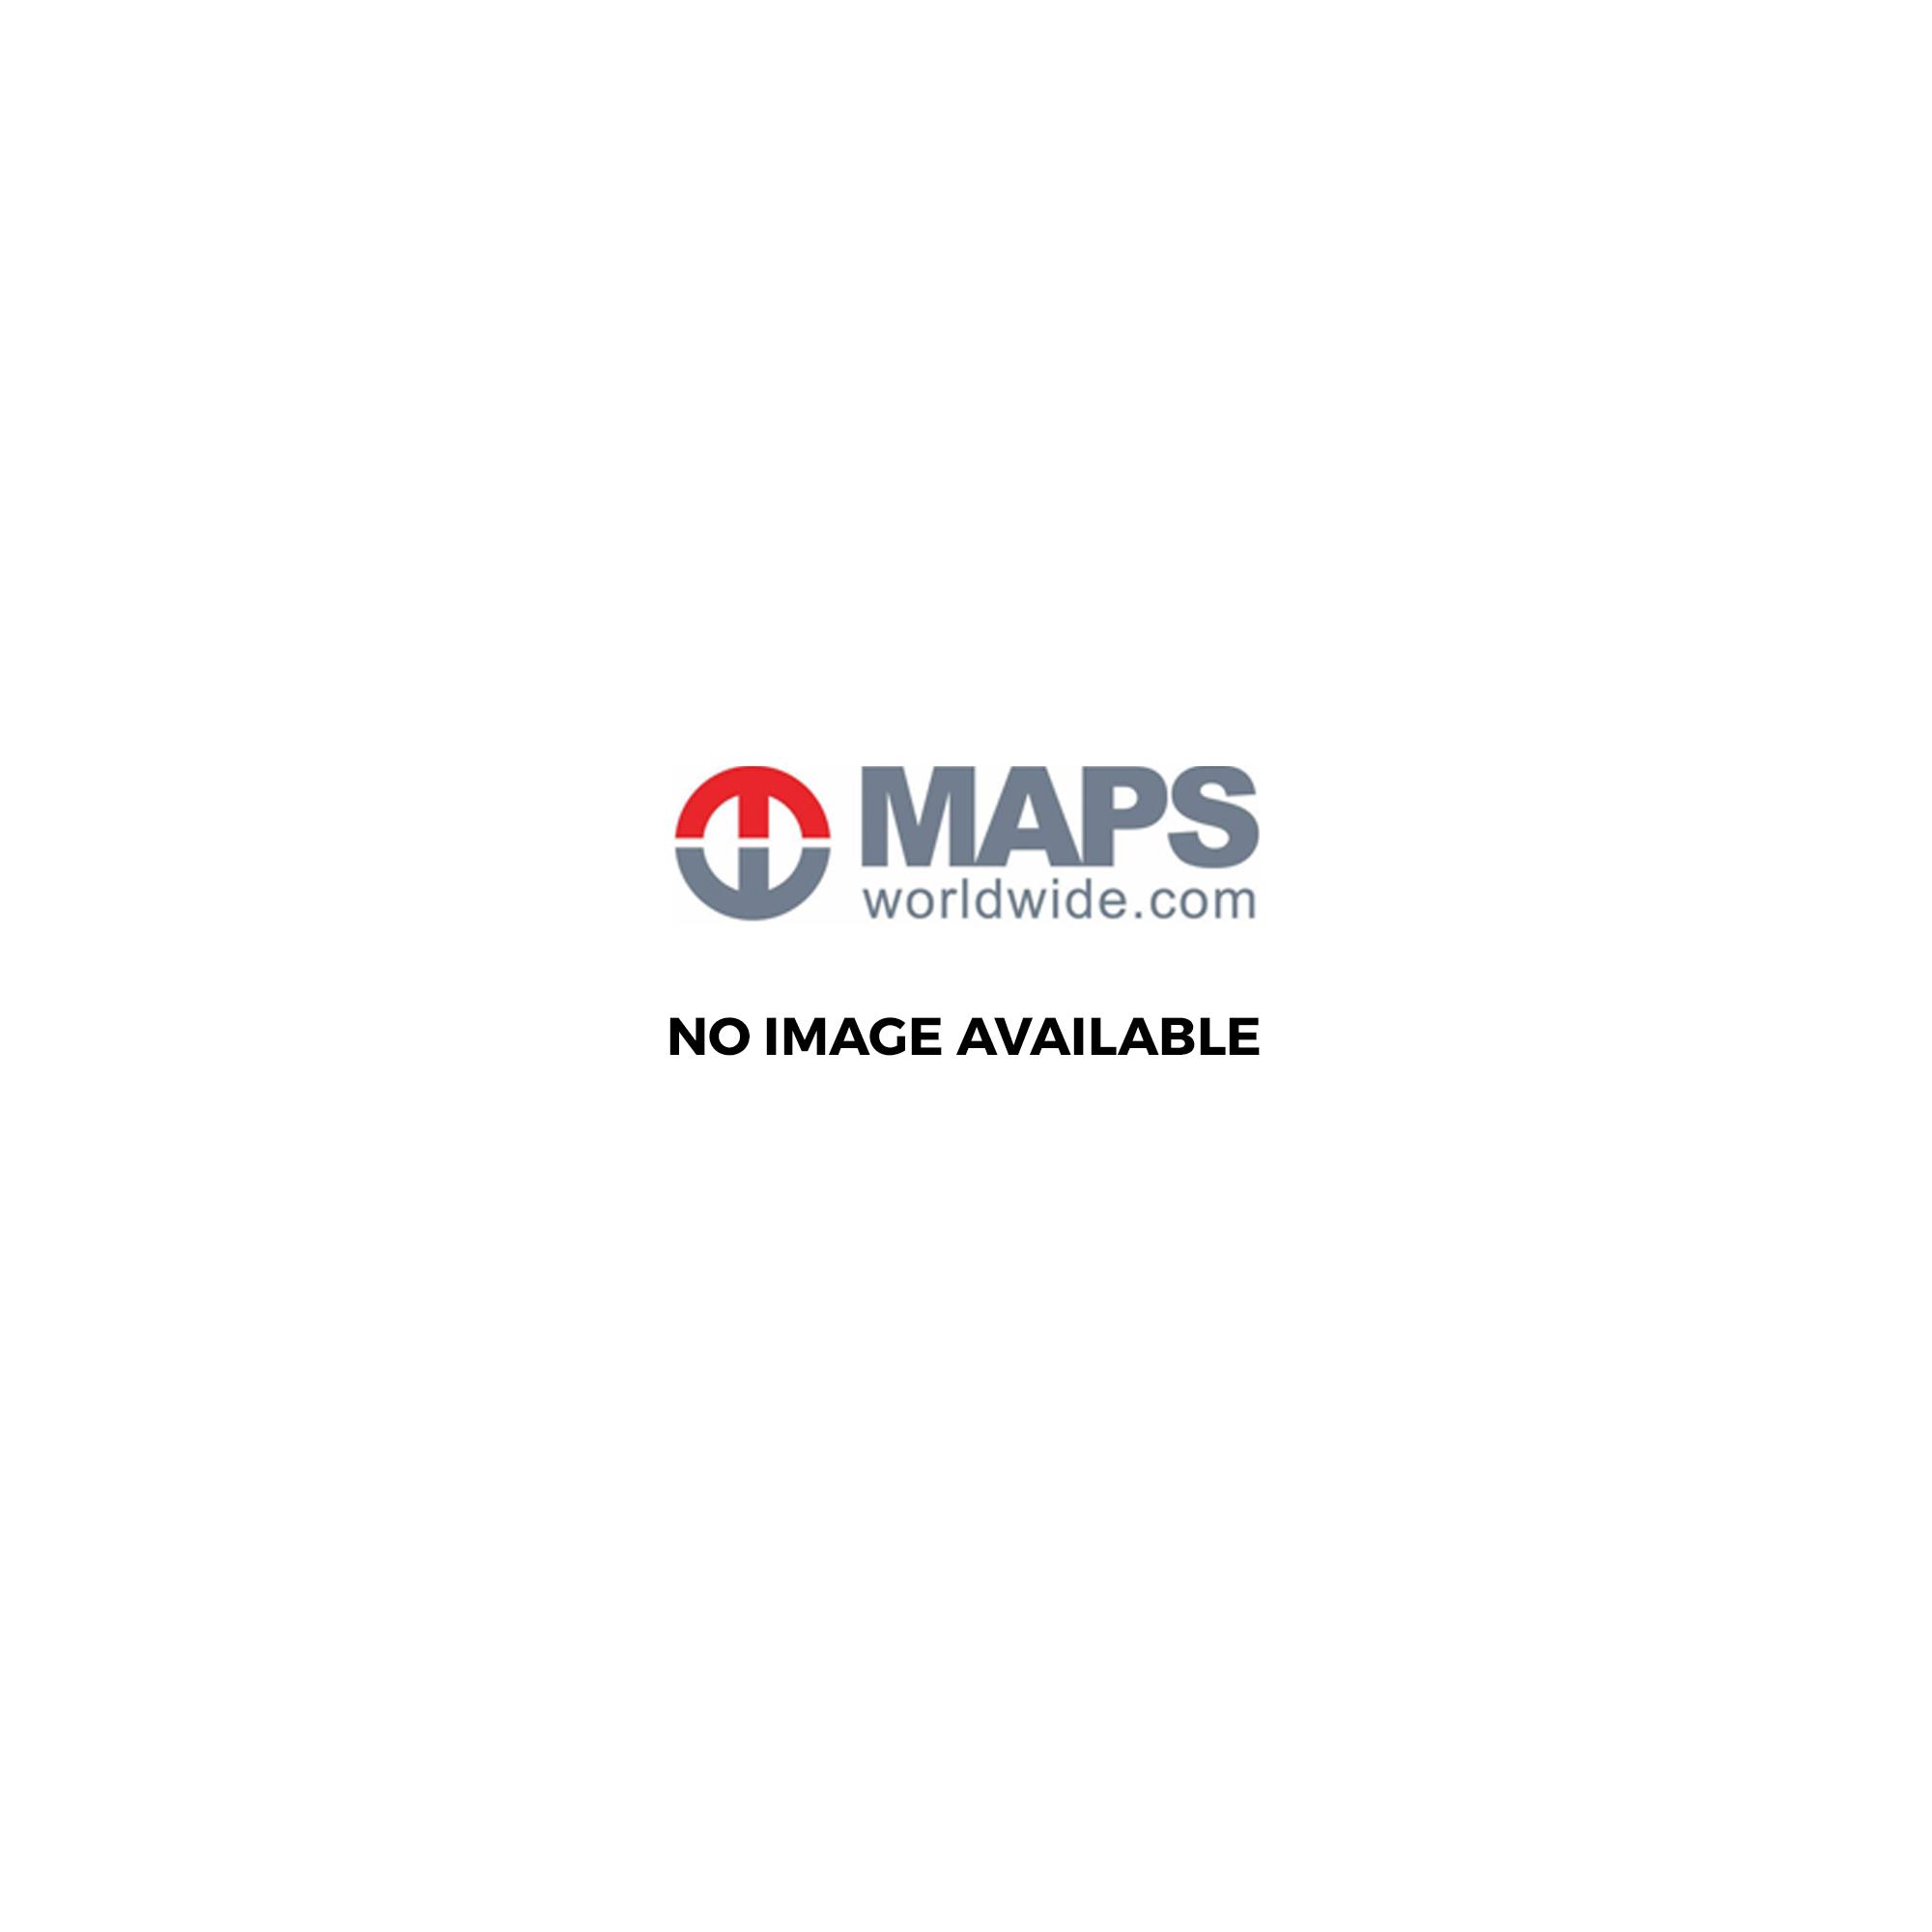 Sierra De Javalambre Mapa.0613 Ii Sierra De Javalambre